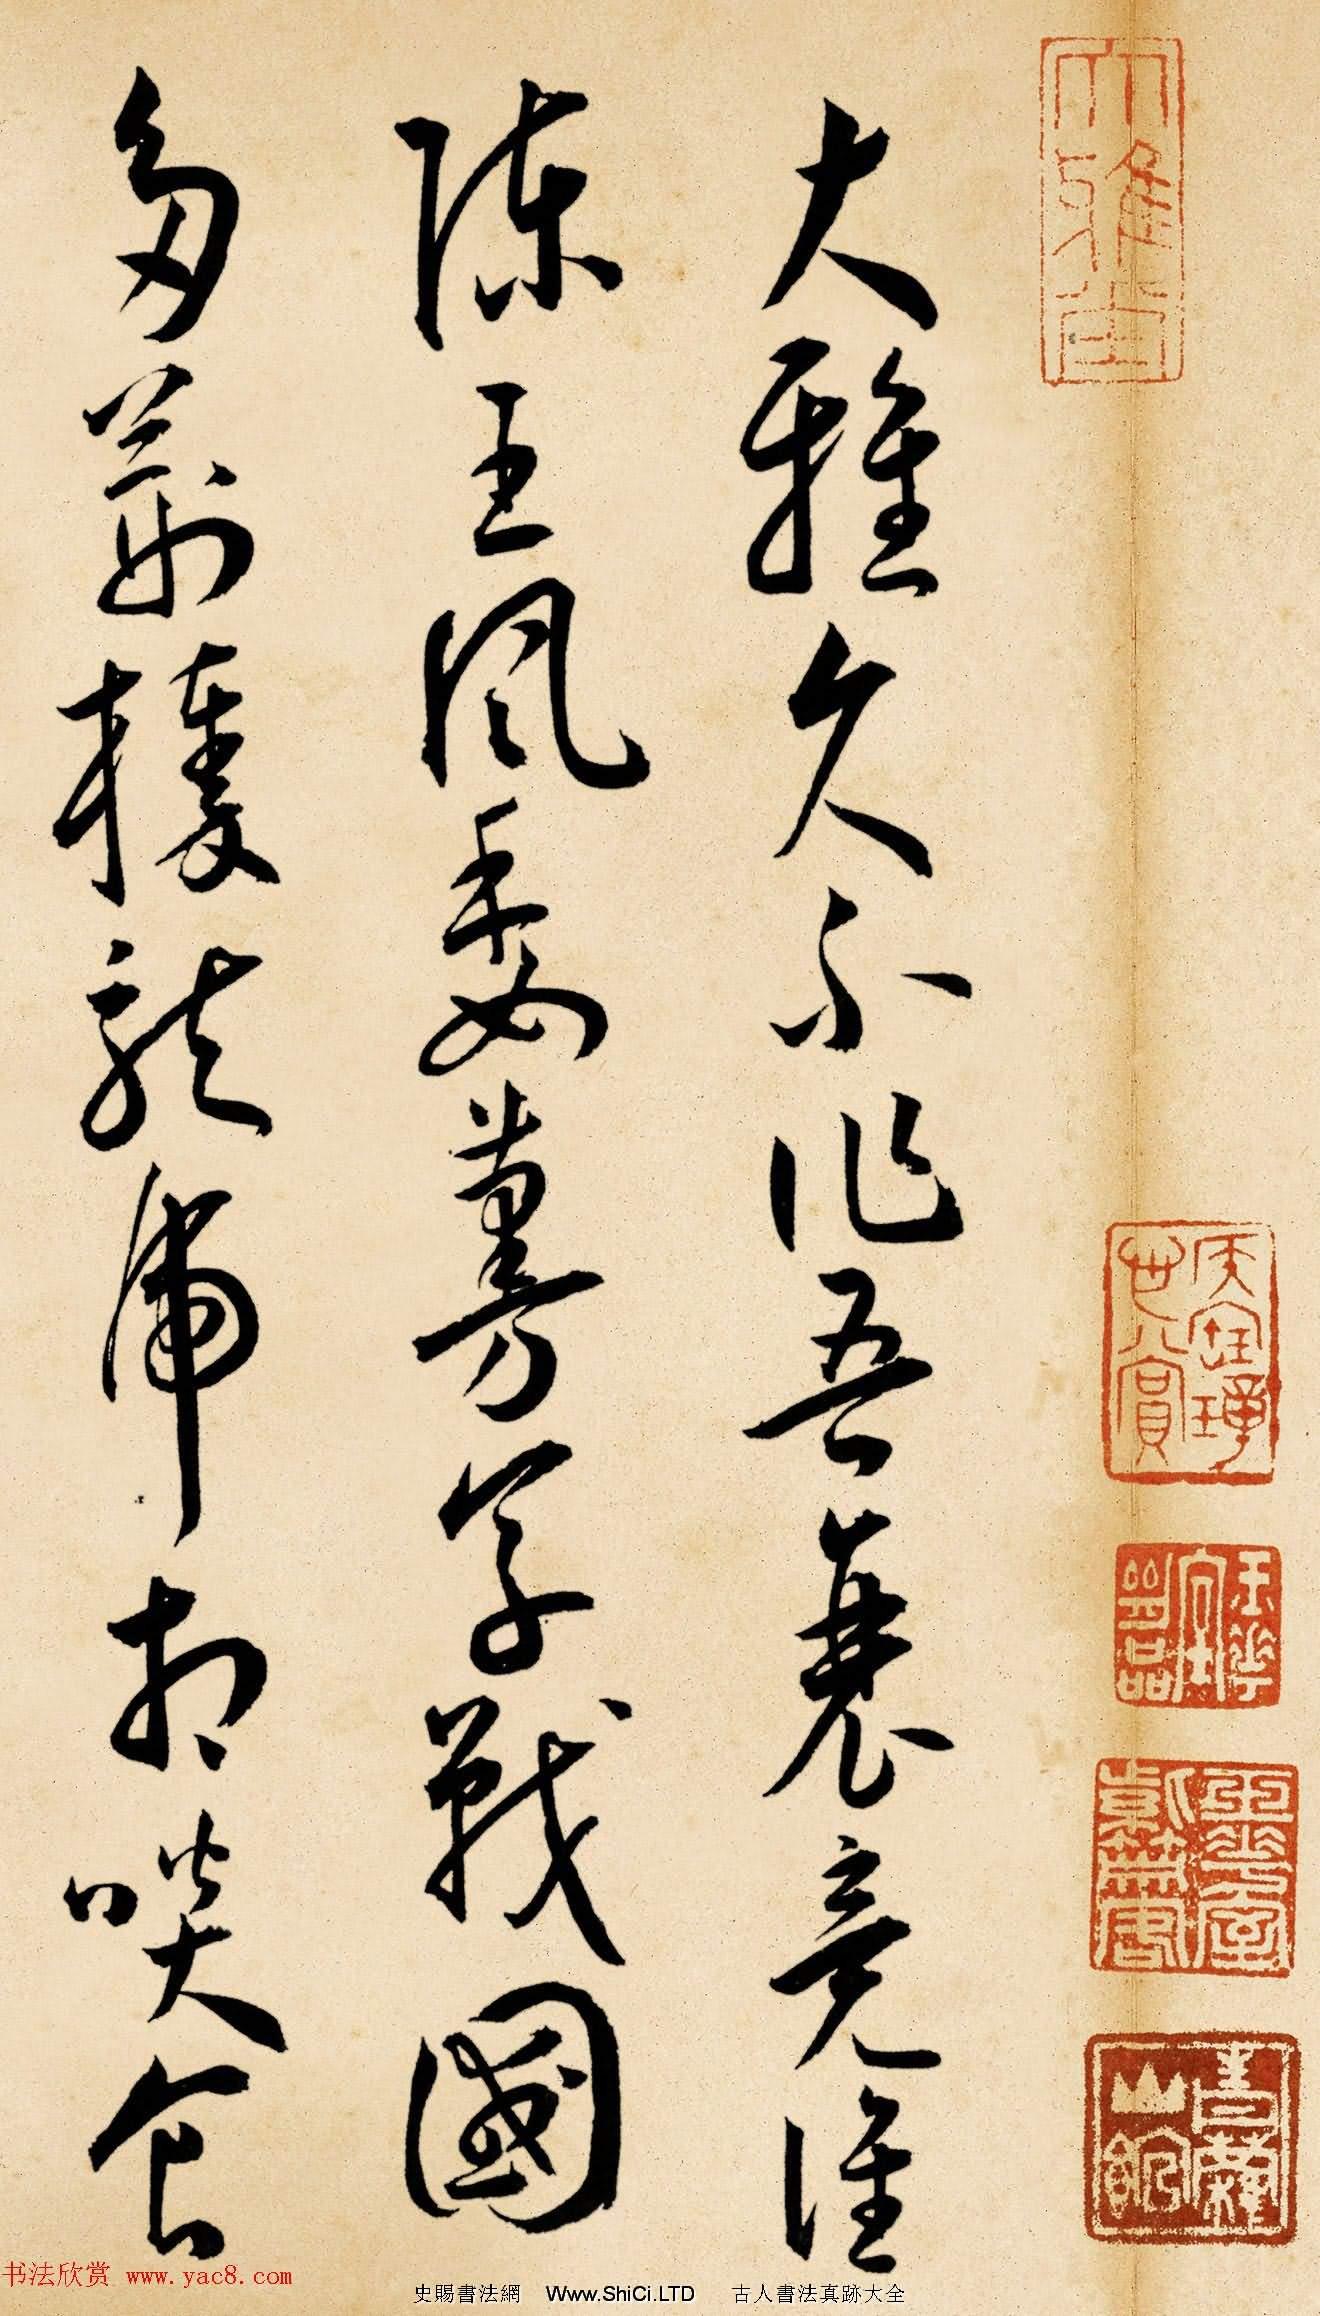 明代王寵草書詩卷《李太白古風詩九首》(共21張圖片)